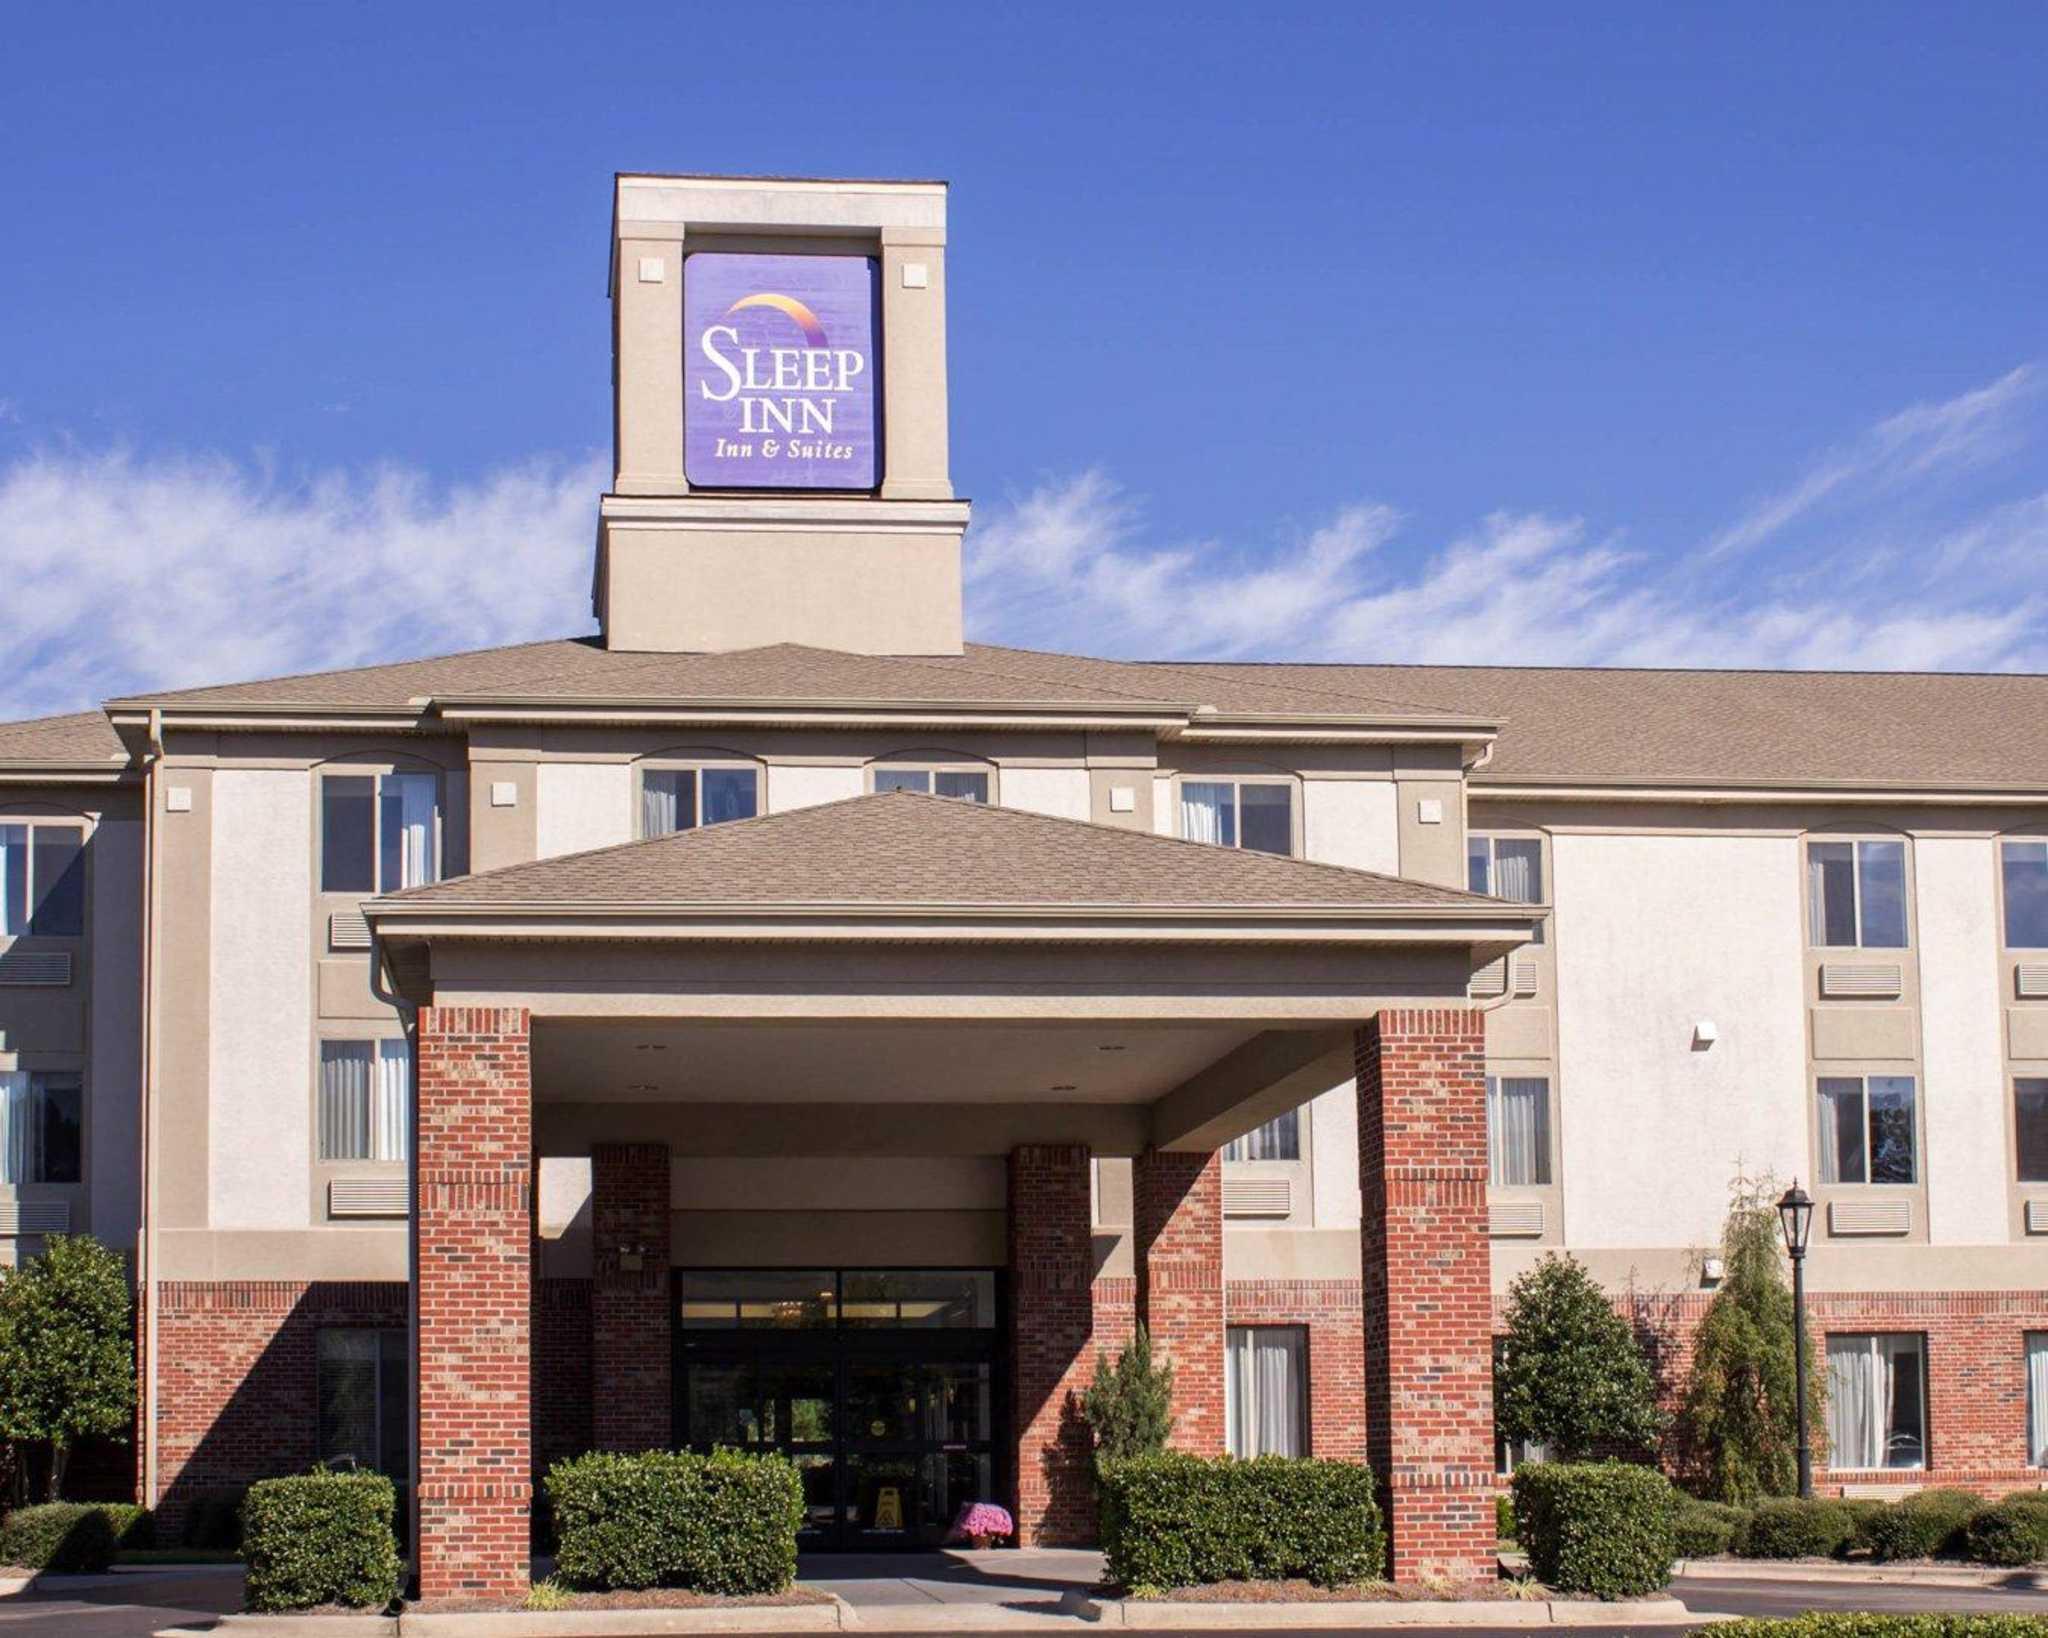 Sleep Inn & Suites image 2